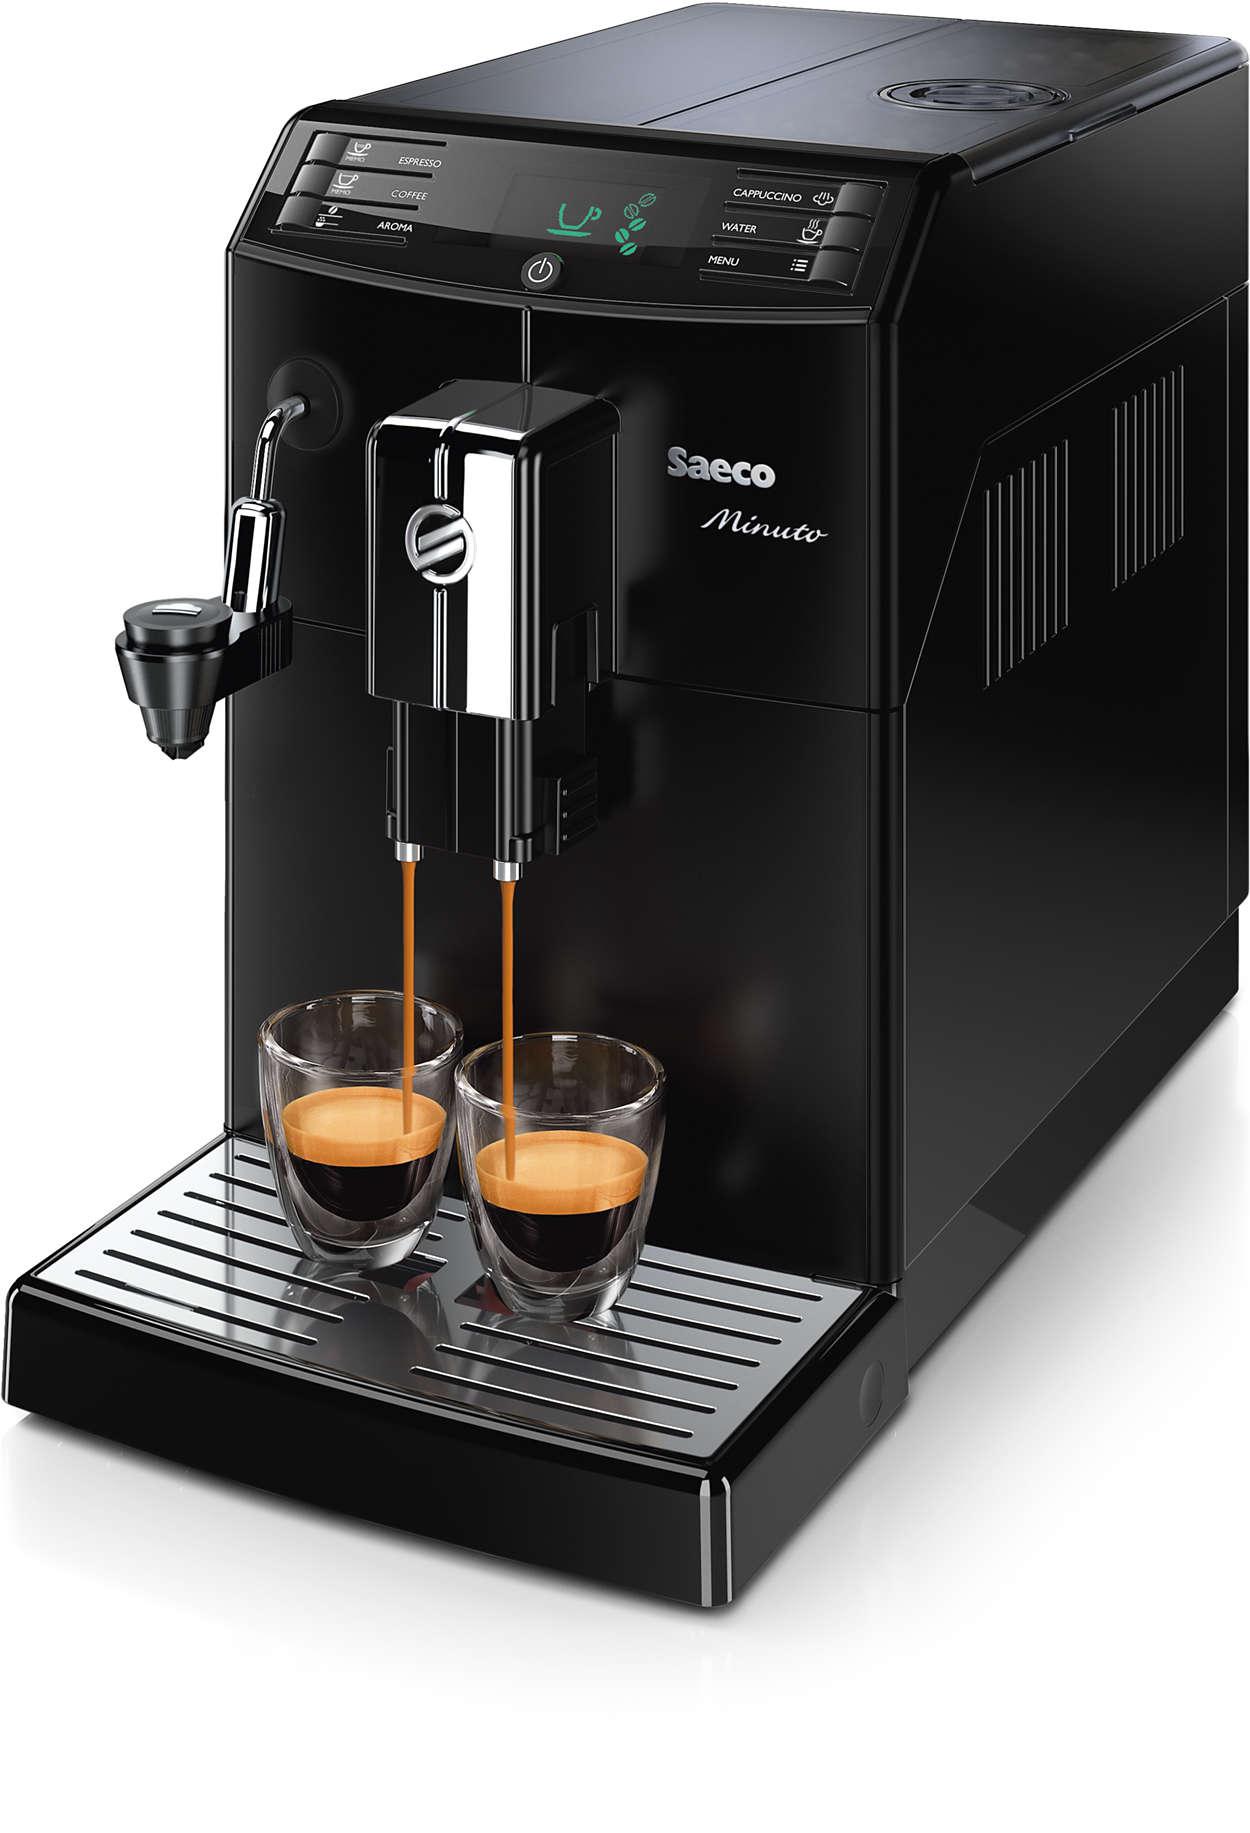 Vaše oblíbená káva vždy jedním dotykem